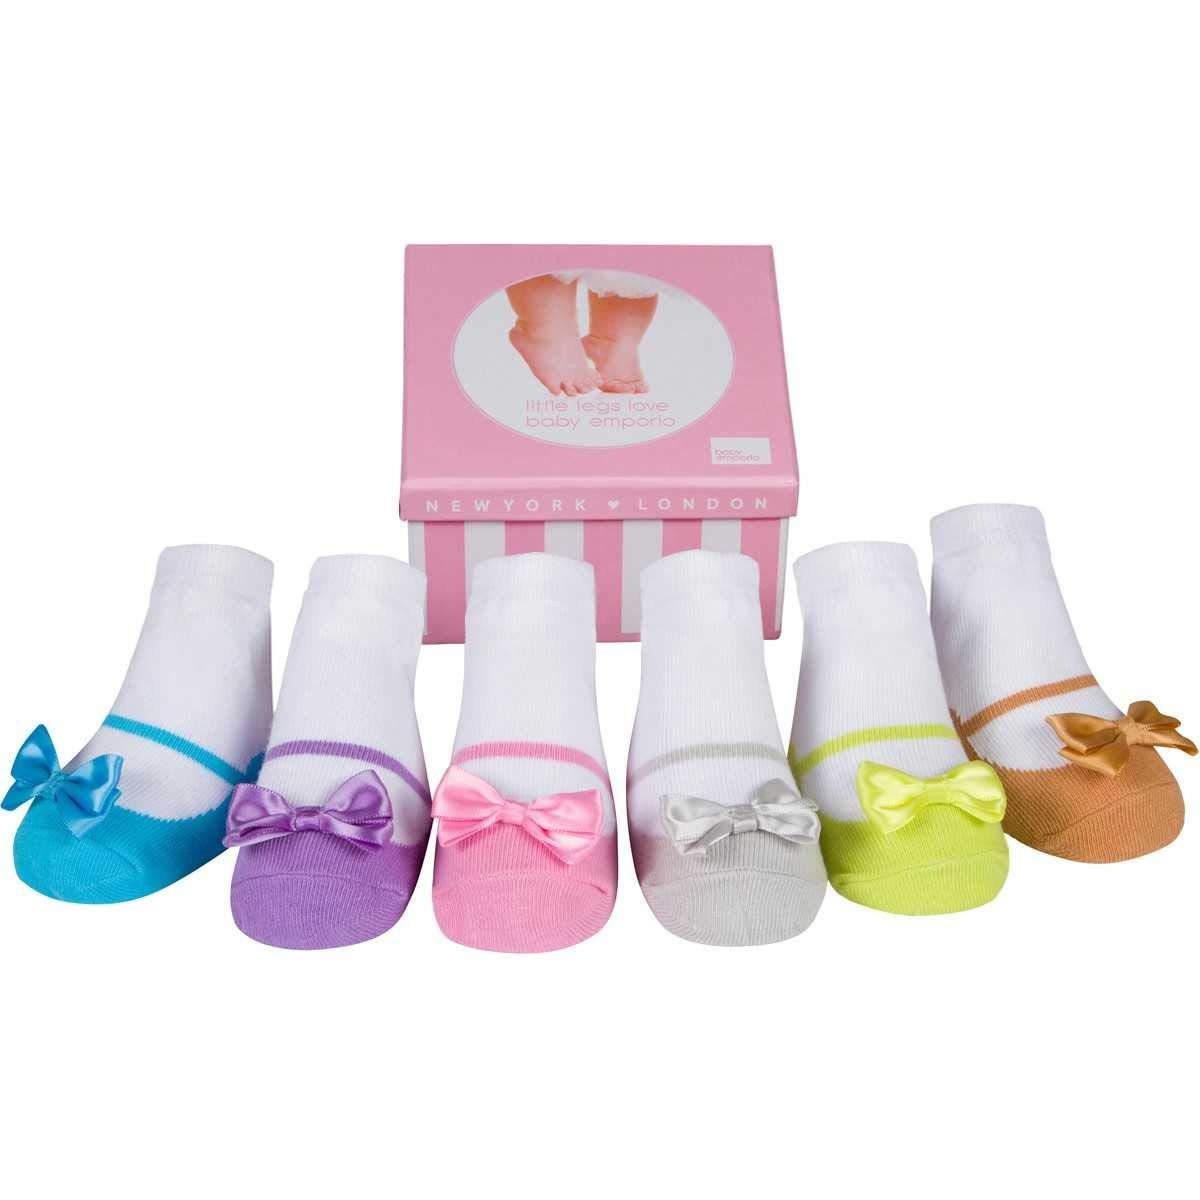 Baby Emporio 6 pares de calcetines para bebé niña - Suelas antideslizantes - Algodón suave - Cajita regalo - Efecto zapatos - 0-12 meses ALLURA) Mary Jane